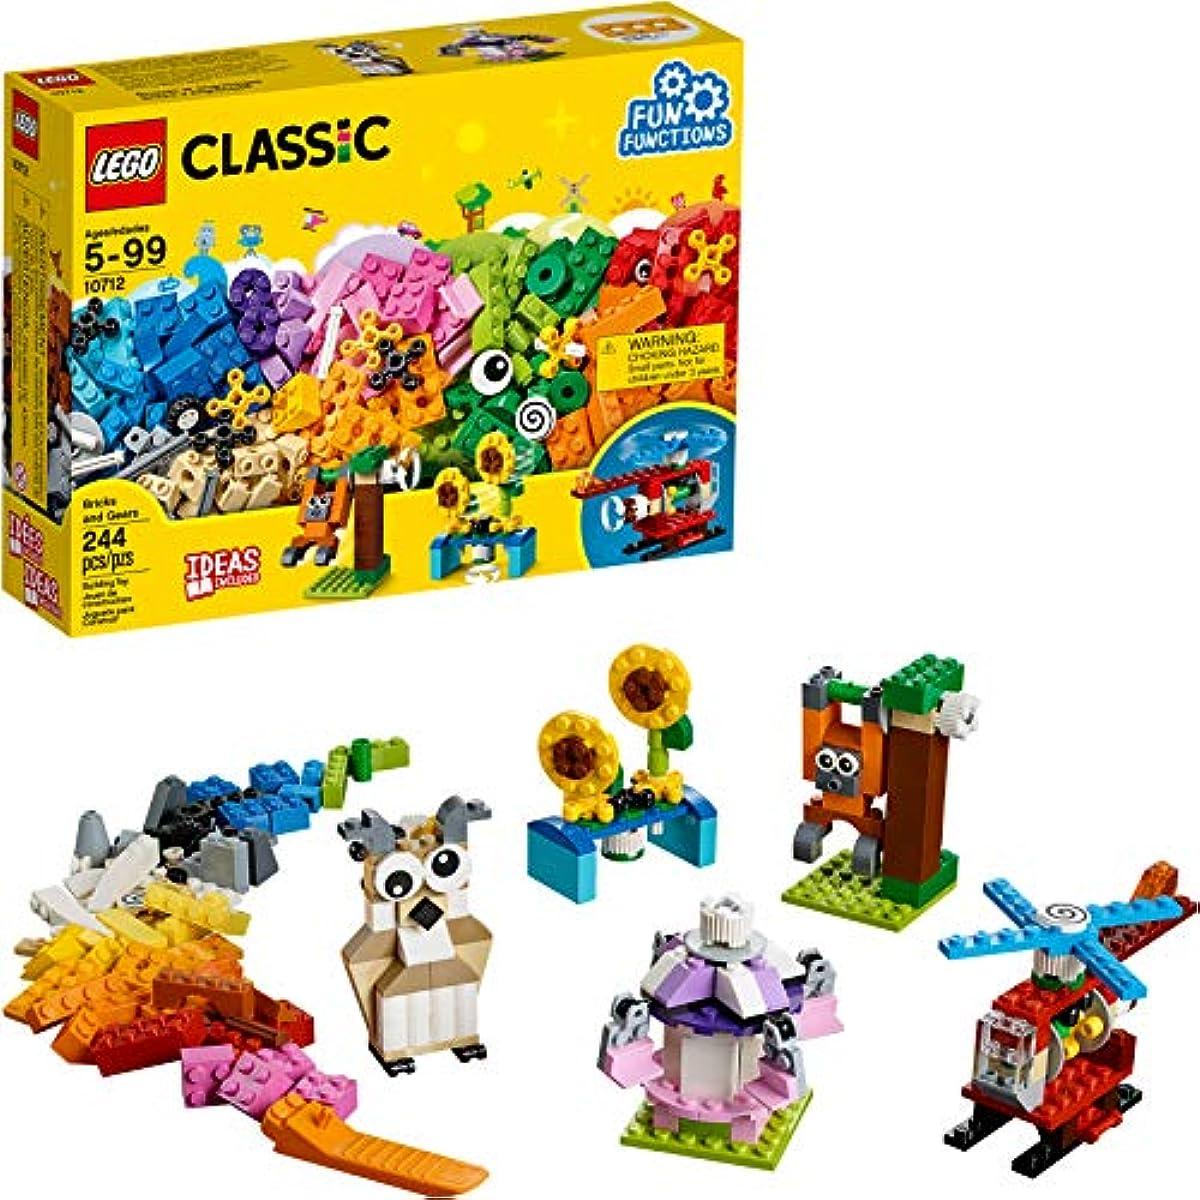 [해외] LEGO클래식 벽큐빅스톤과 톱니바퀴10712건물 키트( 244 PIECE )